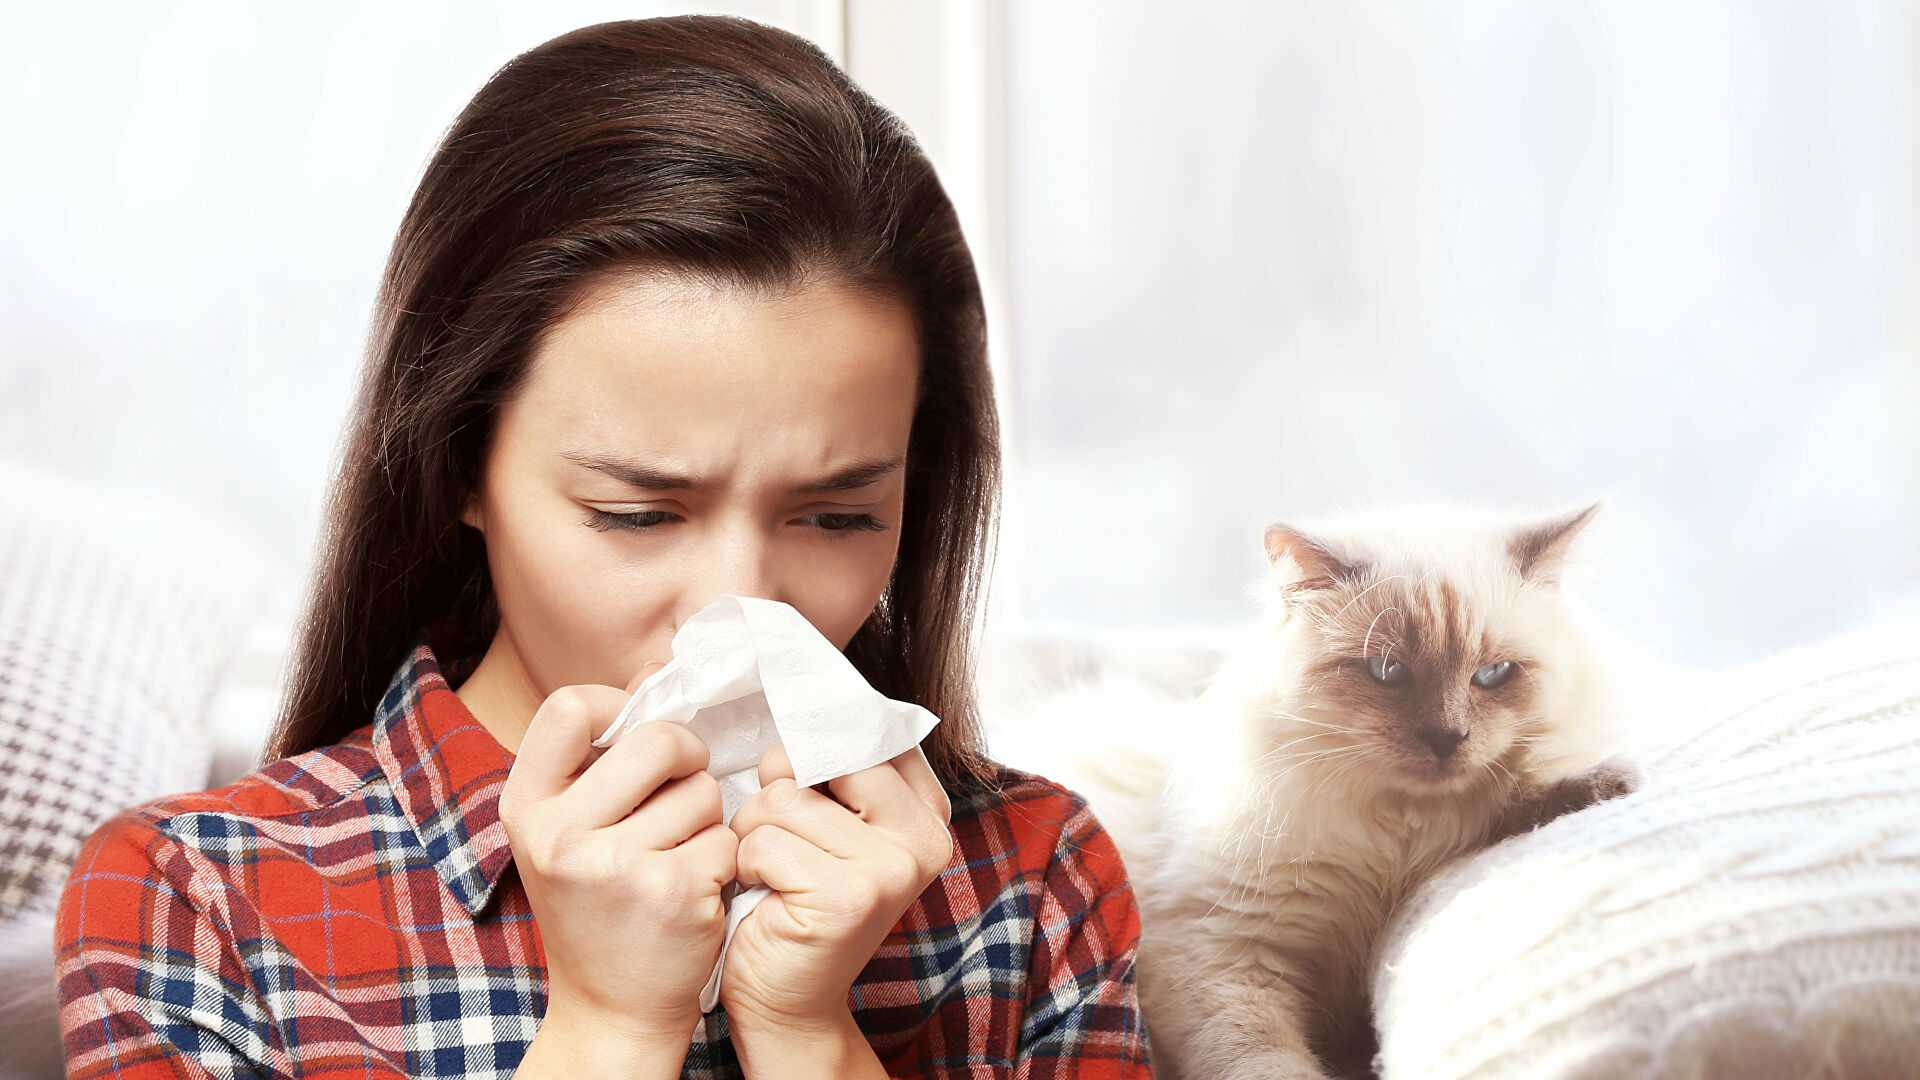 Ученые поставили под сомнение связь аллергии с депрессией и шизофренией